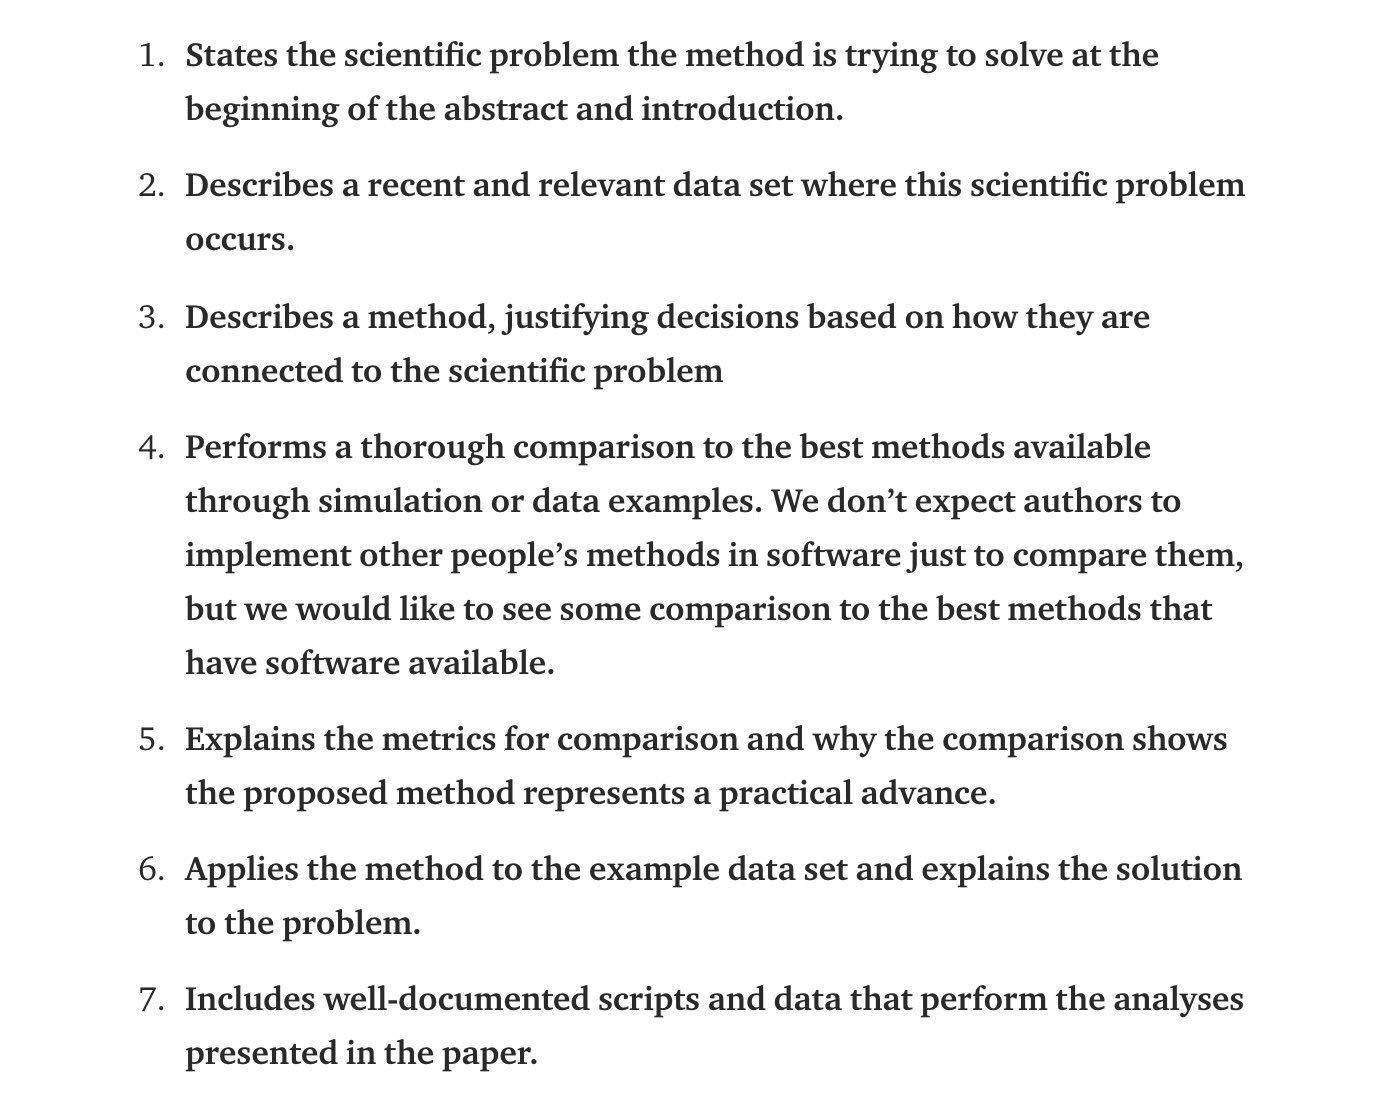 Biostatistics on Twitter: